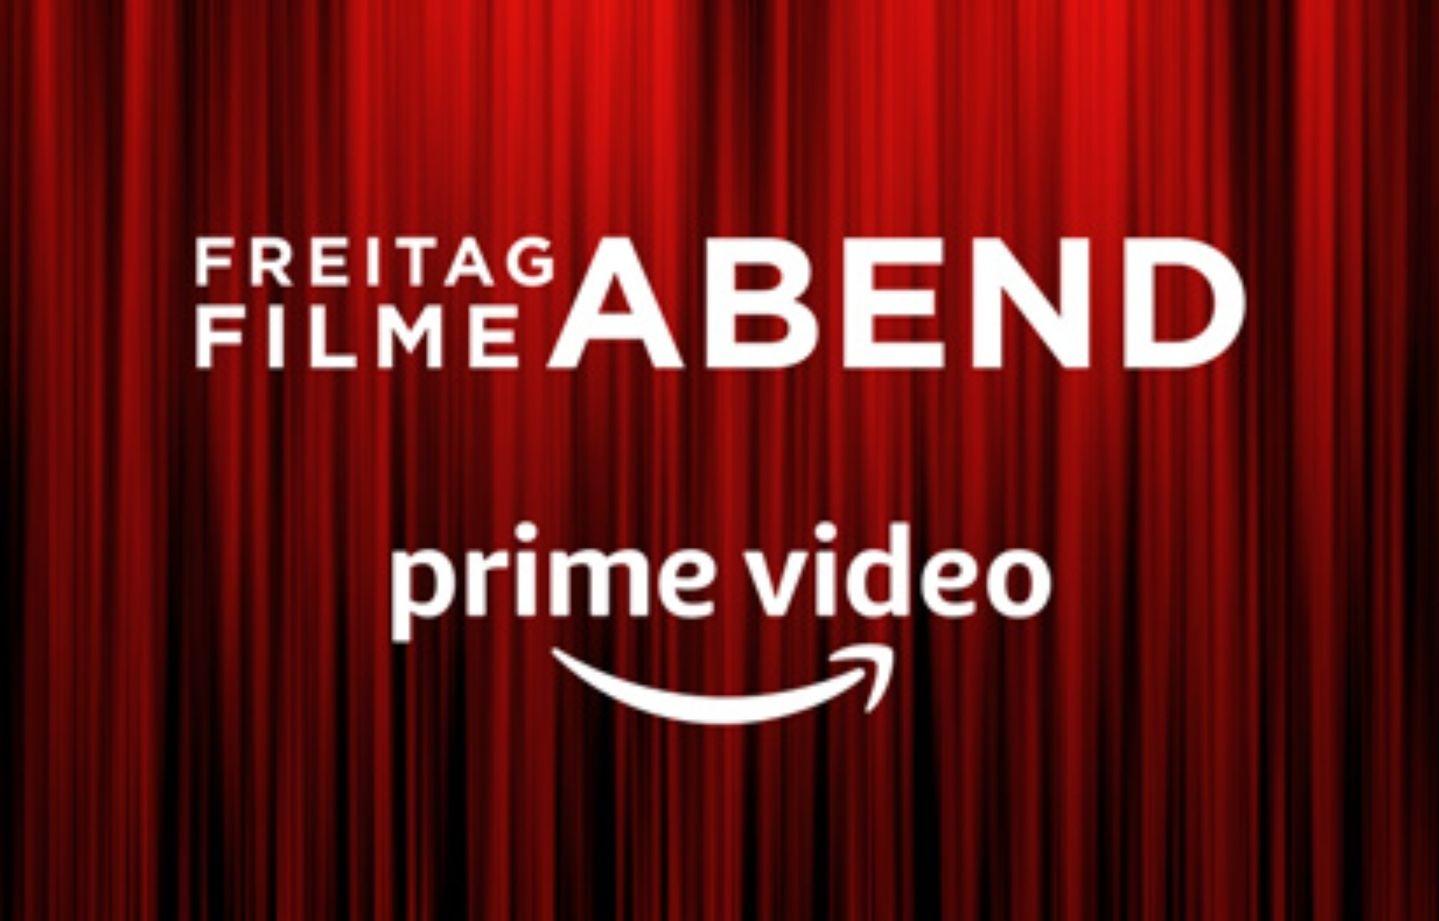 Filmfreitag - 10 Filme für 0,99€ (HD) zum Leihen, unter anderem mit Thor: Tag der Entscheidung.